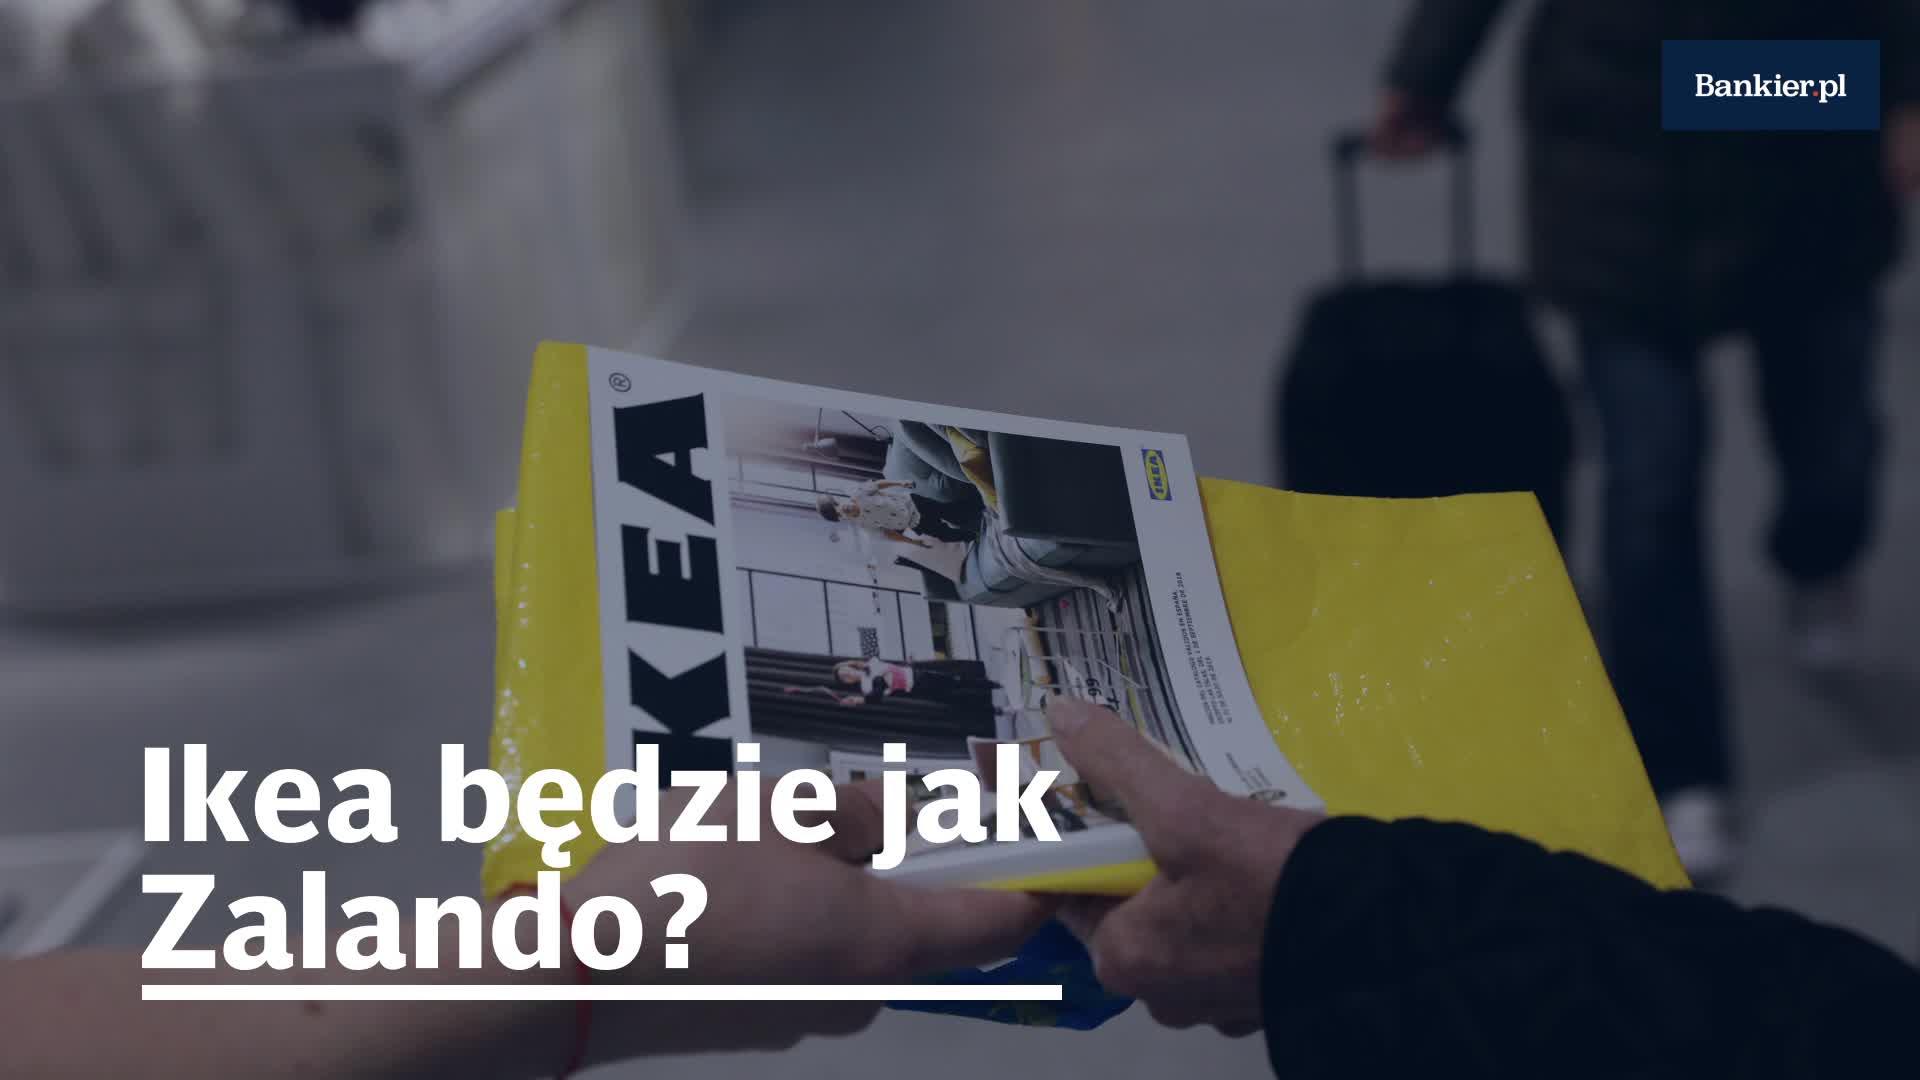 Ikea będzie jak Zalando?